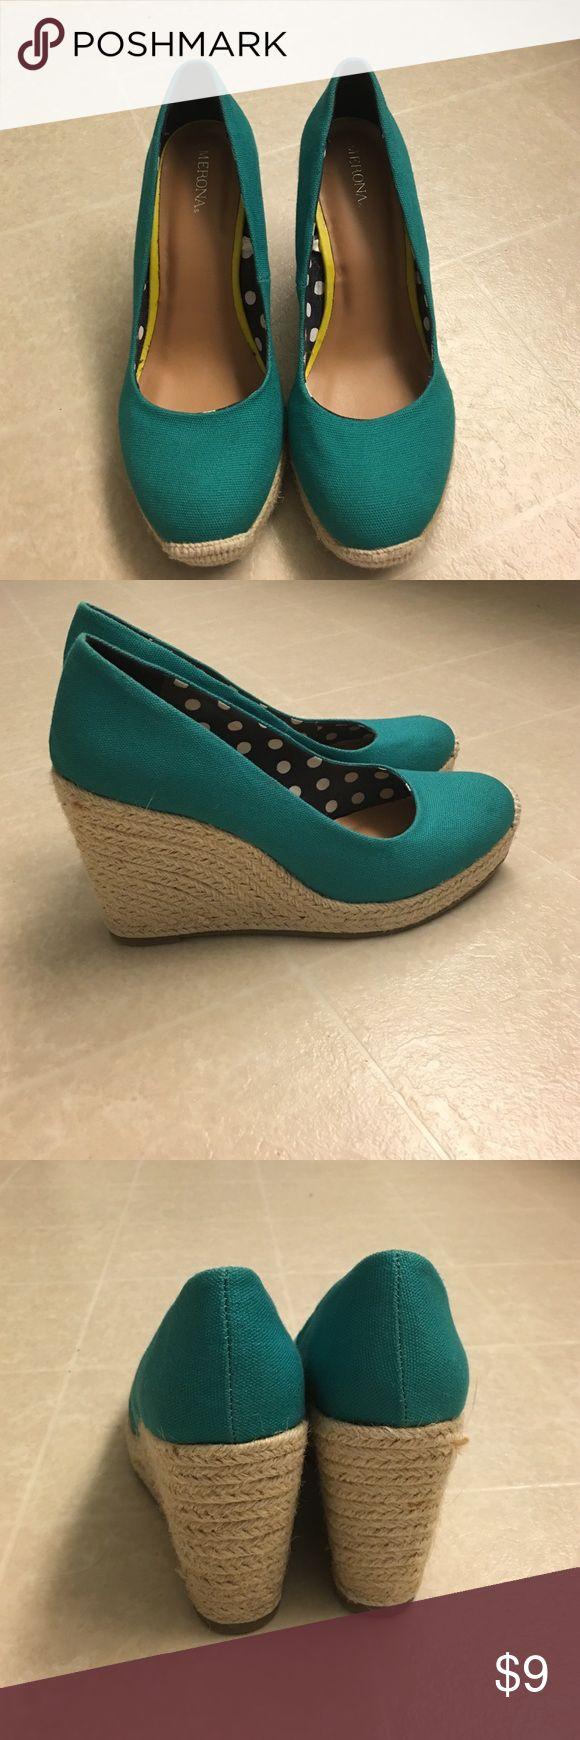 Espadrilles shoes Worn 1 time espadrilles Merona Shoes Espadrilles